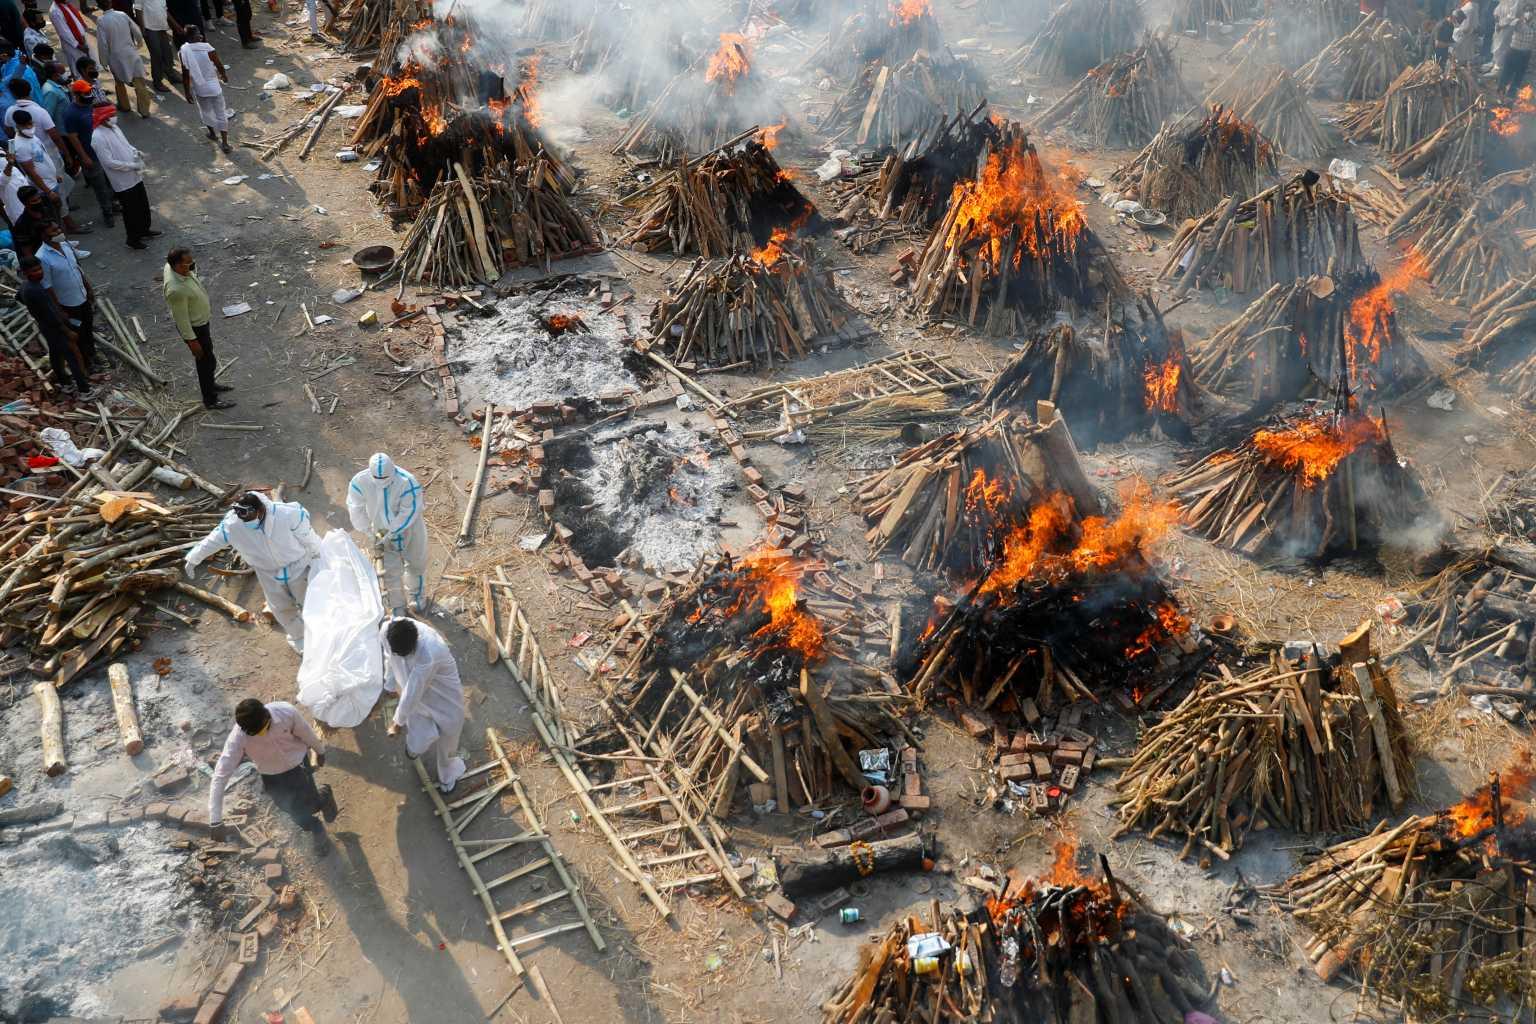 Τι συμβαίνει στην Ινδία; Ο Ηλίας Μόσιαλος εξηγεί το «τσουνάμι» κορονοϊού